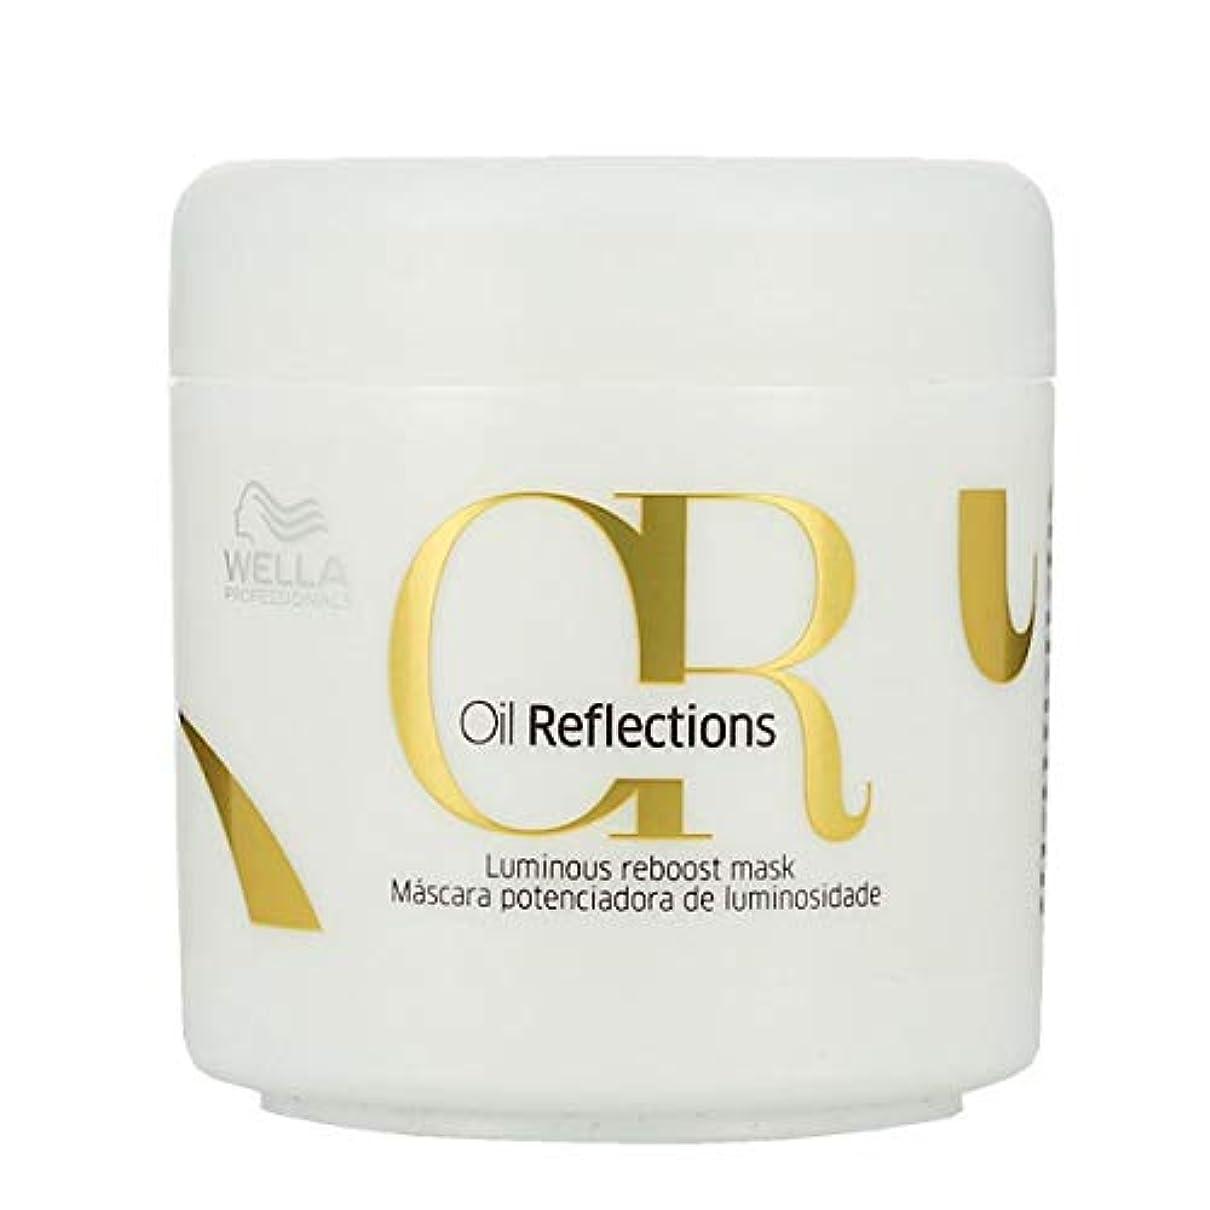 肌ホイップオールWella Professionals Oil Reflections Luminous Reboost Mask ウエラ オイルリフレクション マスク 150 ml [並行輸入品]